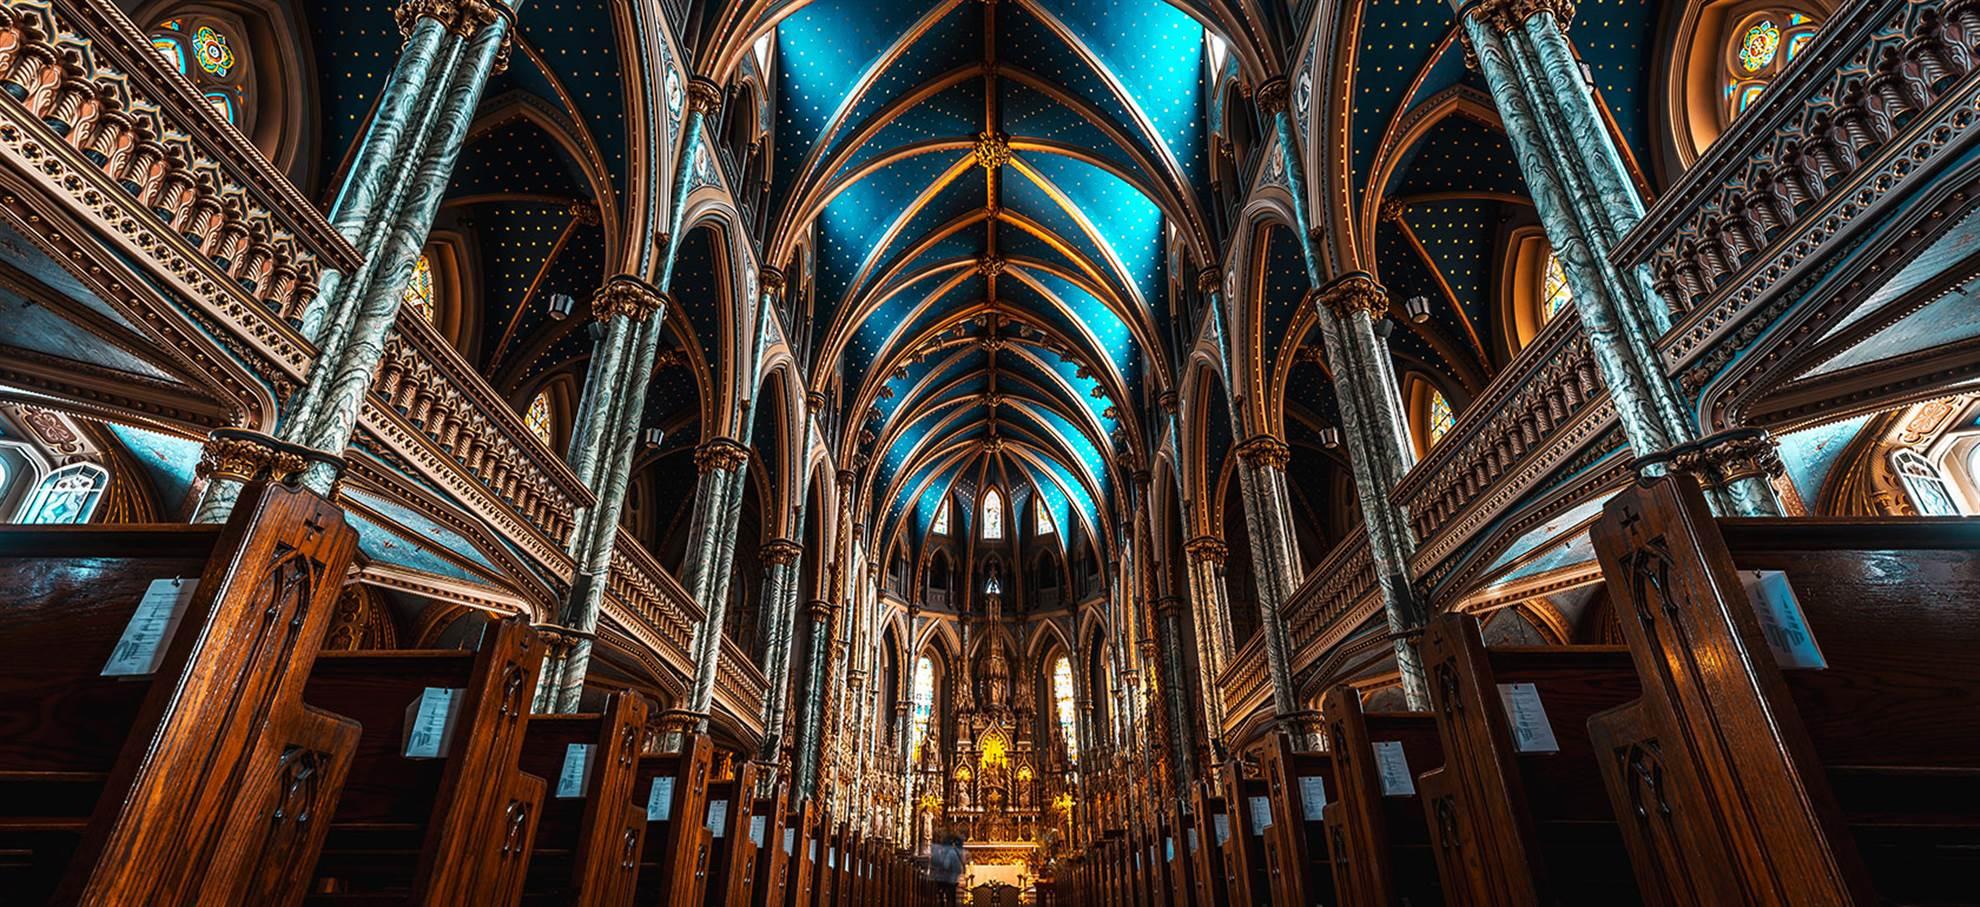 Notre Dame – priorytetowy dostęp z audio przewodnikiem